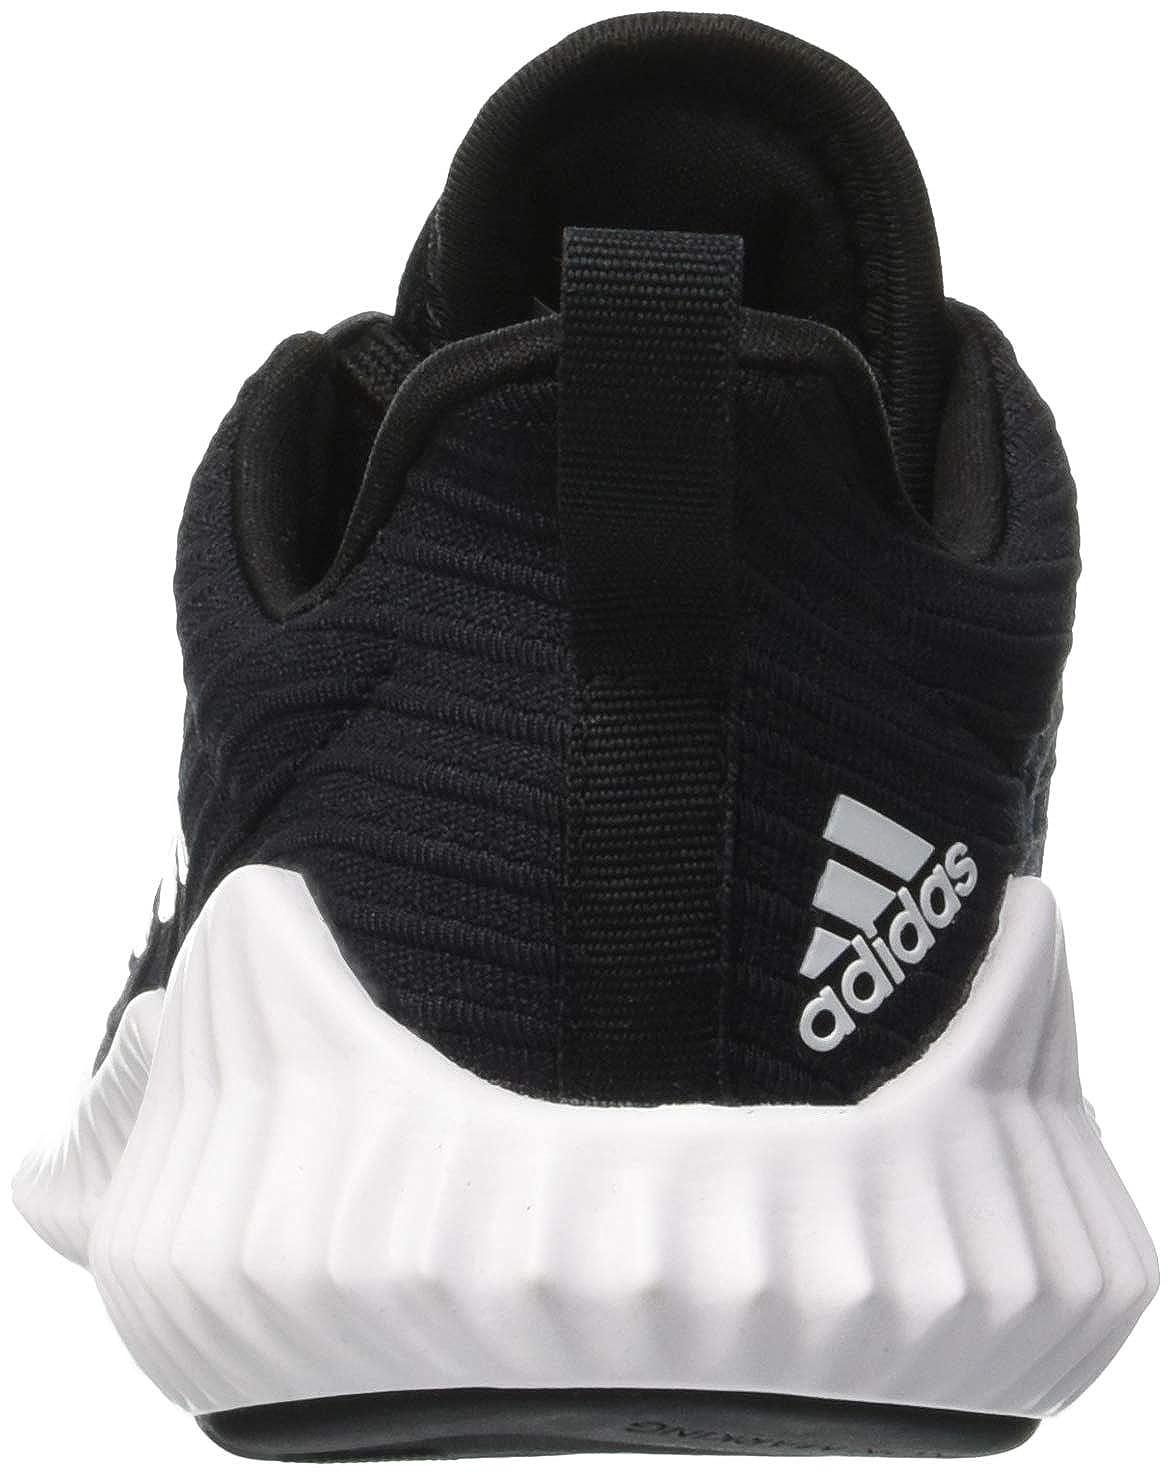 adidas Fortarun K, Zapatillas de Running Unisex Niños: Amazon.es: Zapatos y complementos